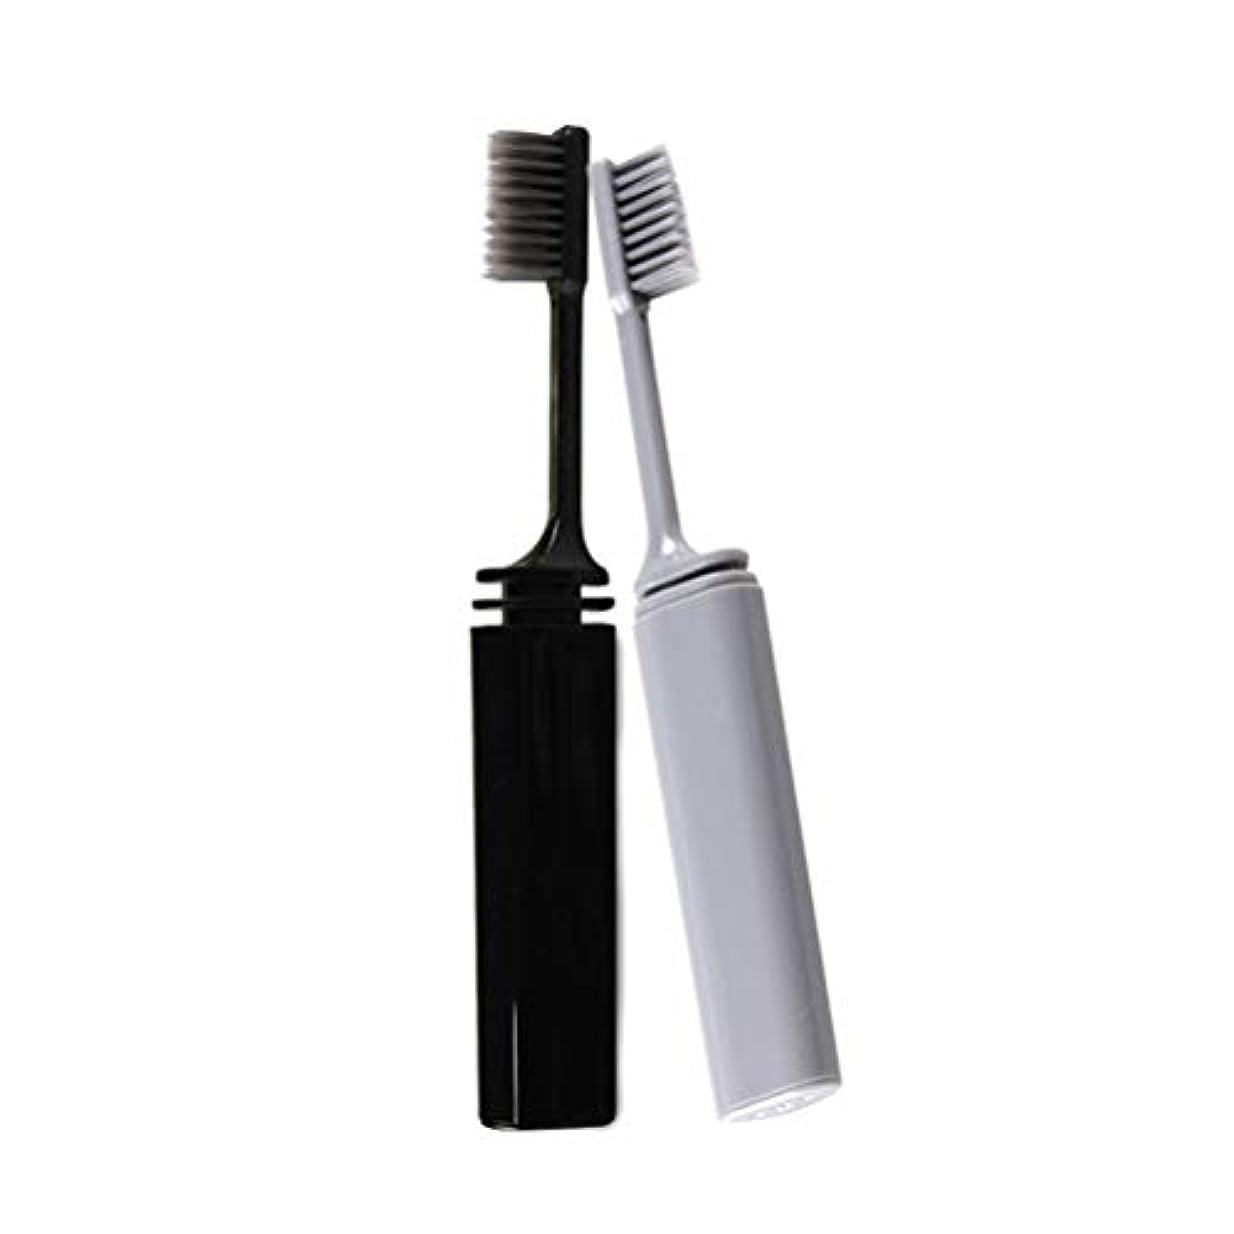 時制欠席学校の先生SUPVOX 2本旅行歯ブラシポータブル折りたたみ竹炭柔らかい剛毛歯ブラシ(グレーブラック)